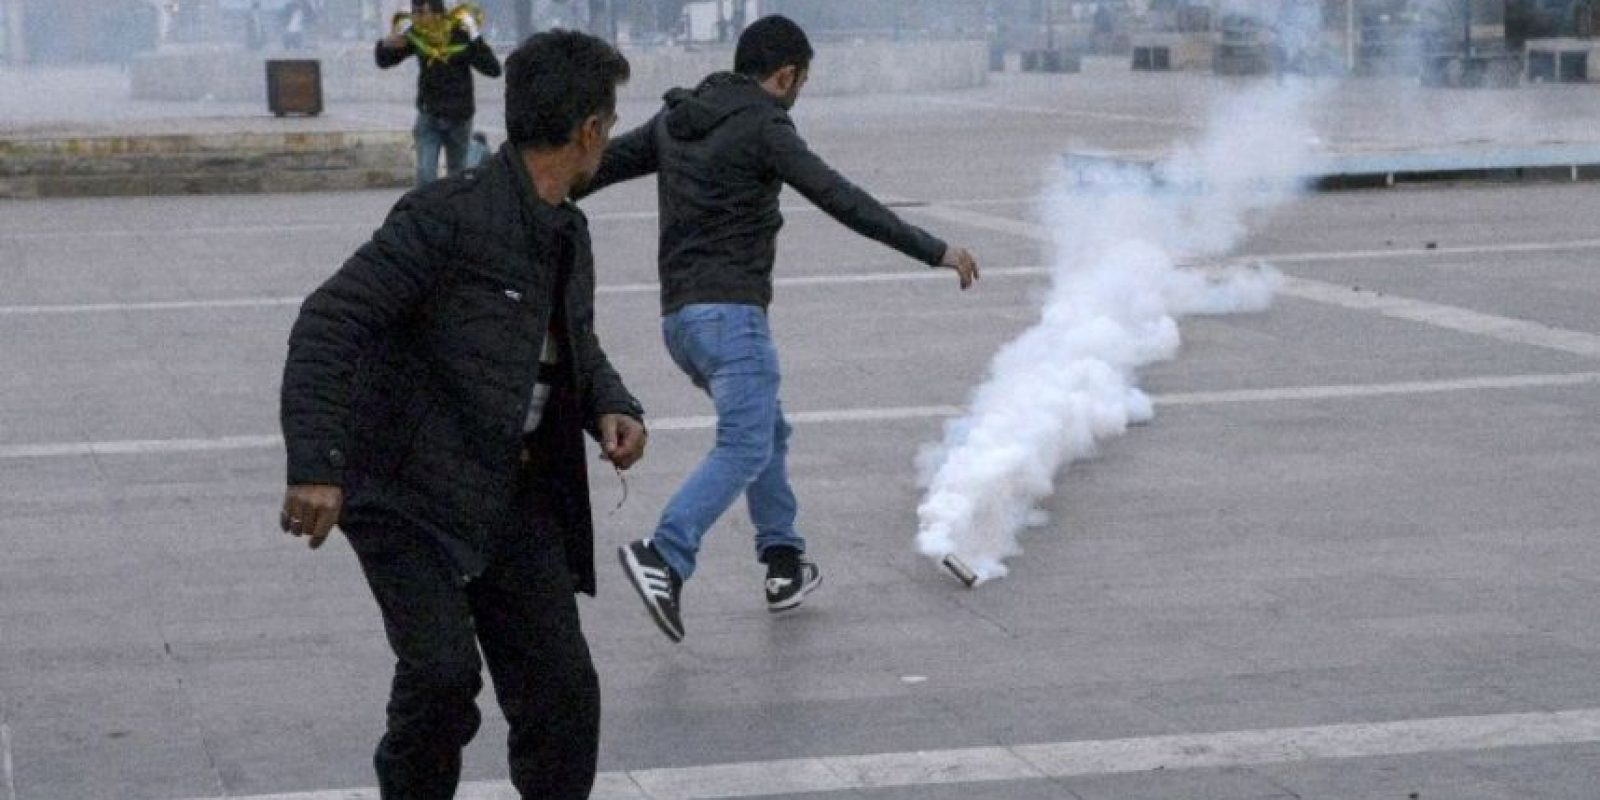 Las protestas terminaron en enfrentamientos con la policía Foto:AFP